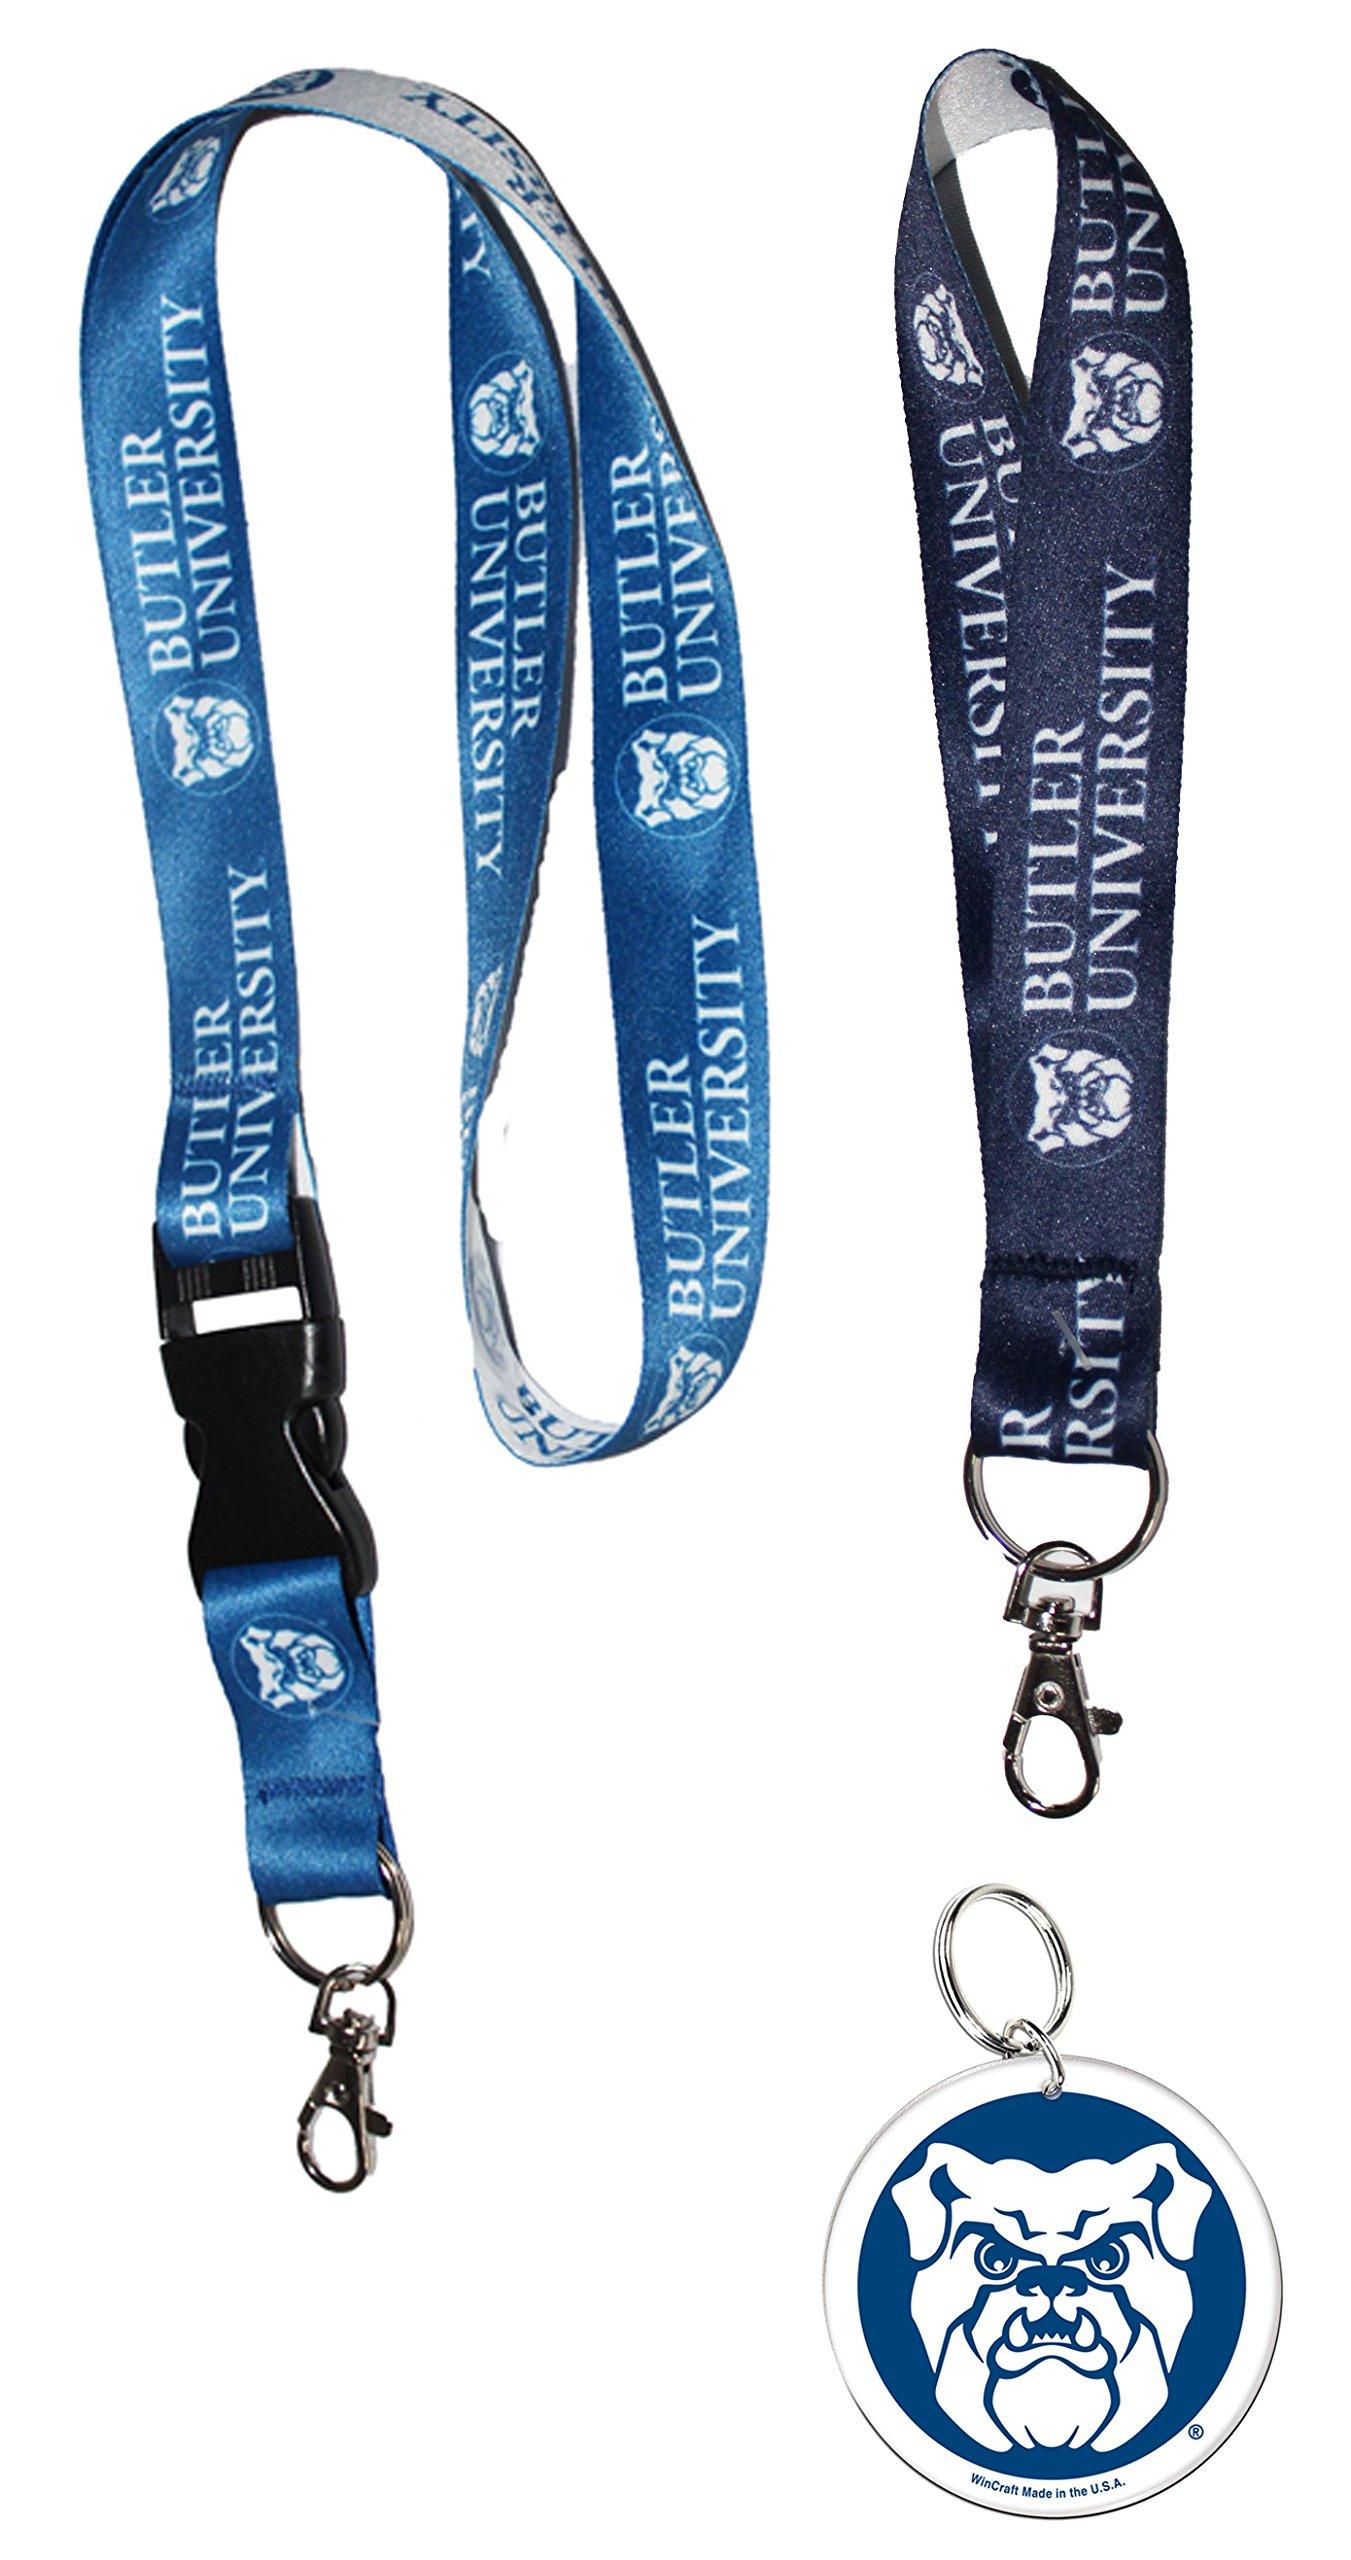 WinCraft Butler University Lanyard Triple Gift Set 1 Premium Lanyard, 1 Key Strap, and 1 Key Ring